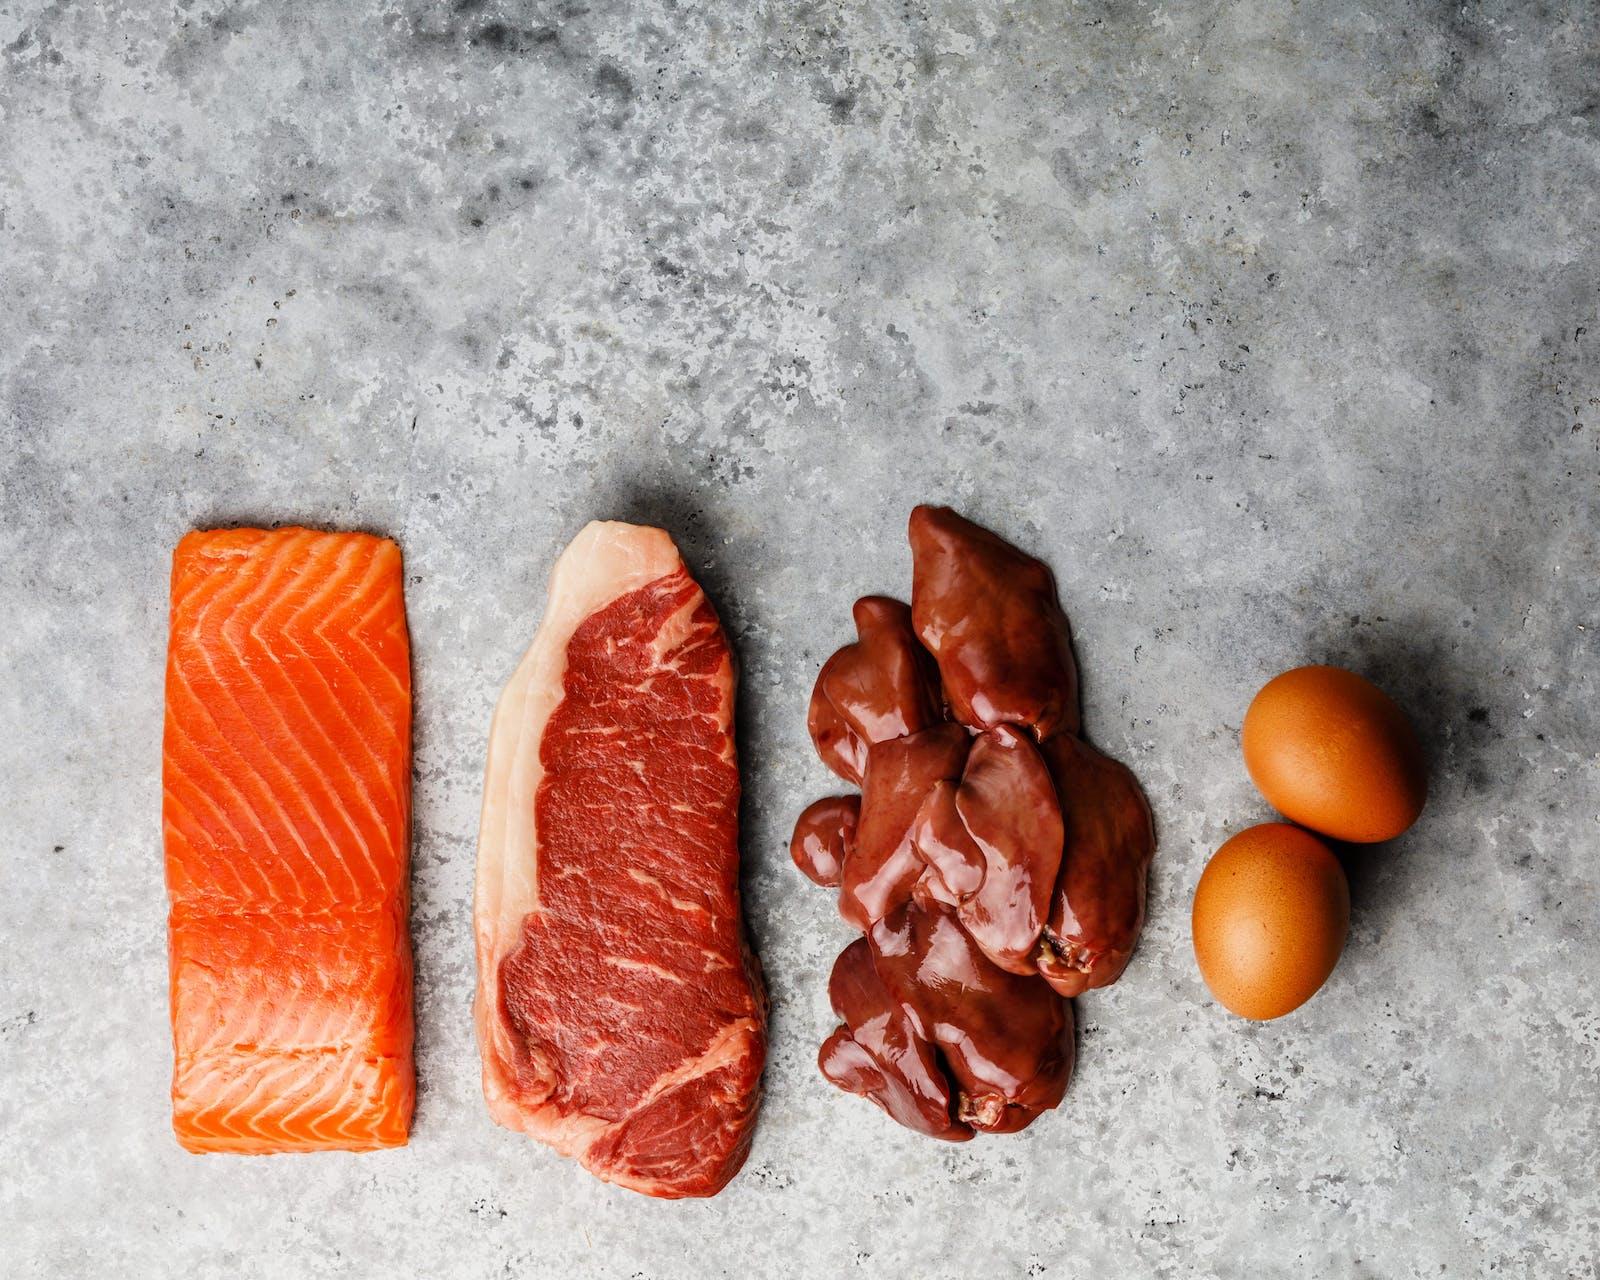 fördelar med att äta kött